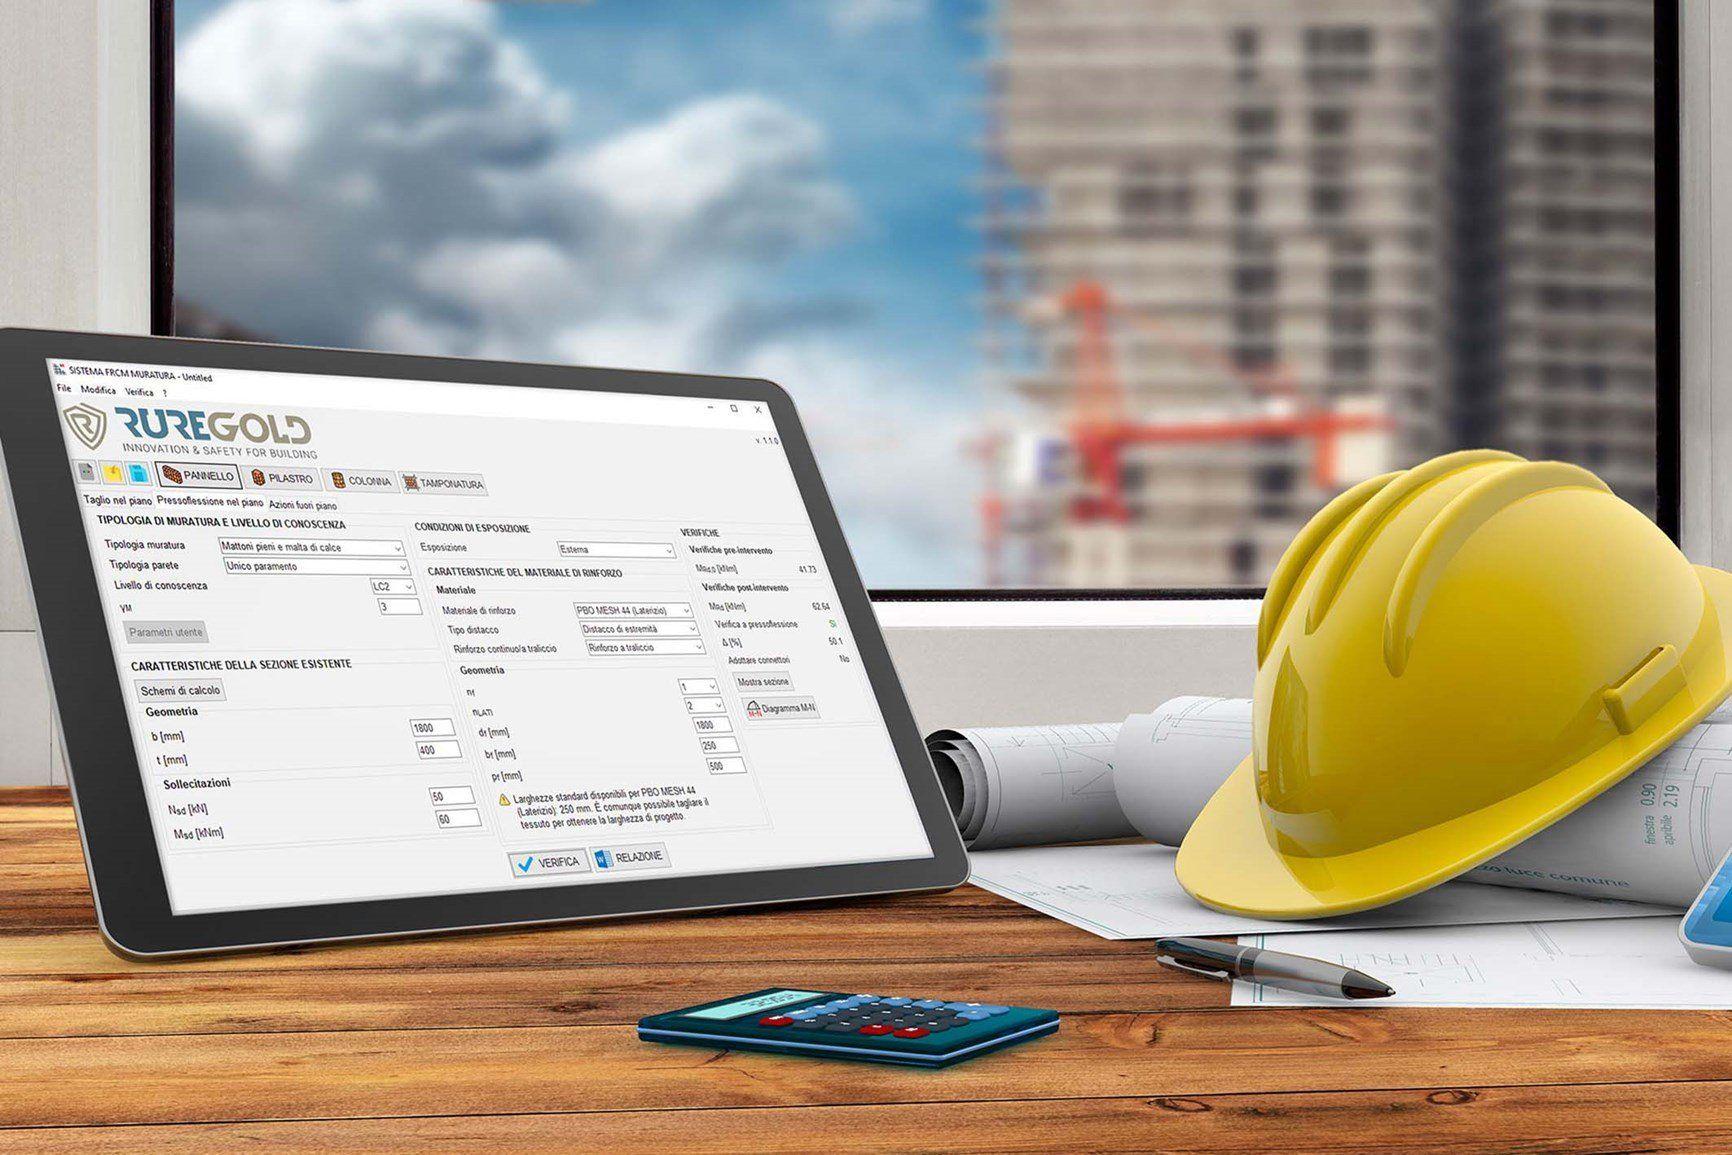 Ruregold offre ai progettisti due nuovi software per il progetto dei rinforzi strutturali con Sistemi FRCM